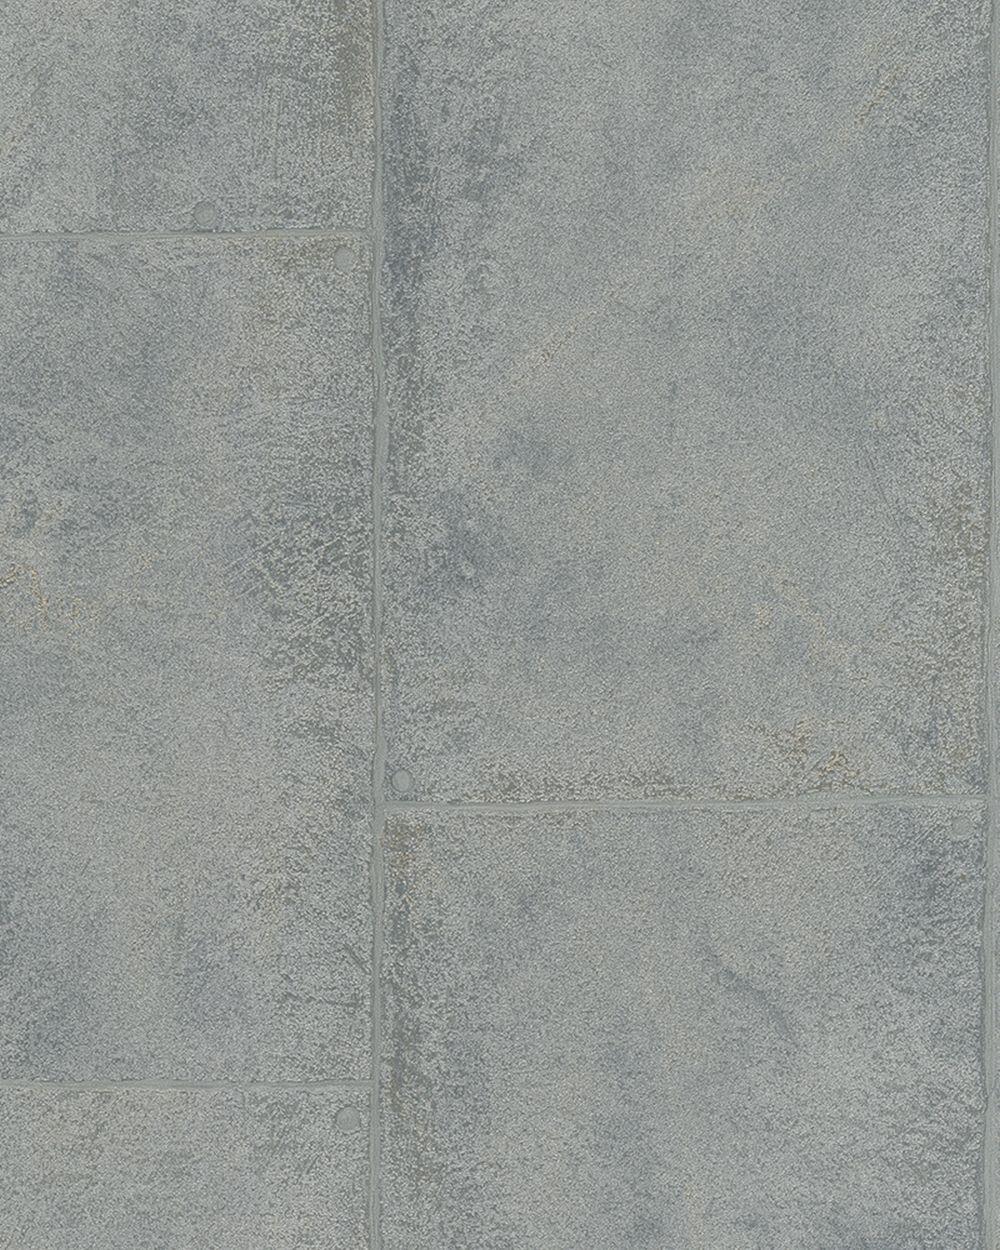 tapete vlies beton-optik silber grau metallic marburg 59334